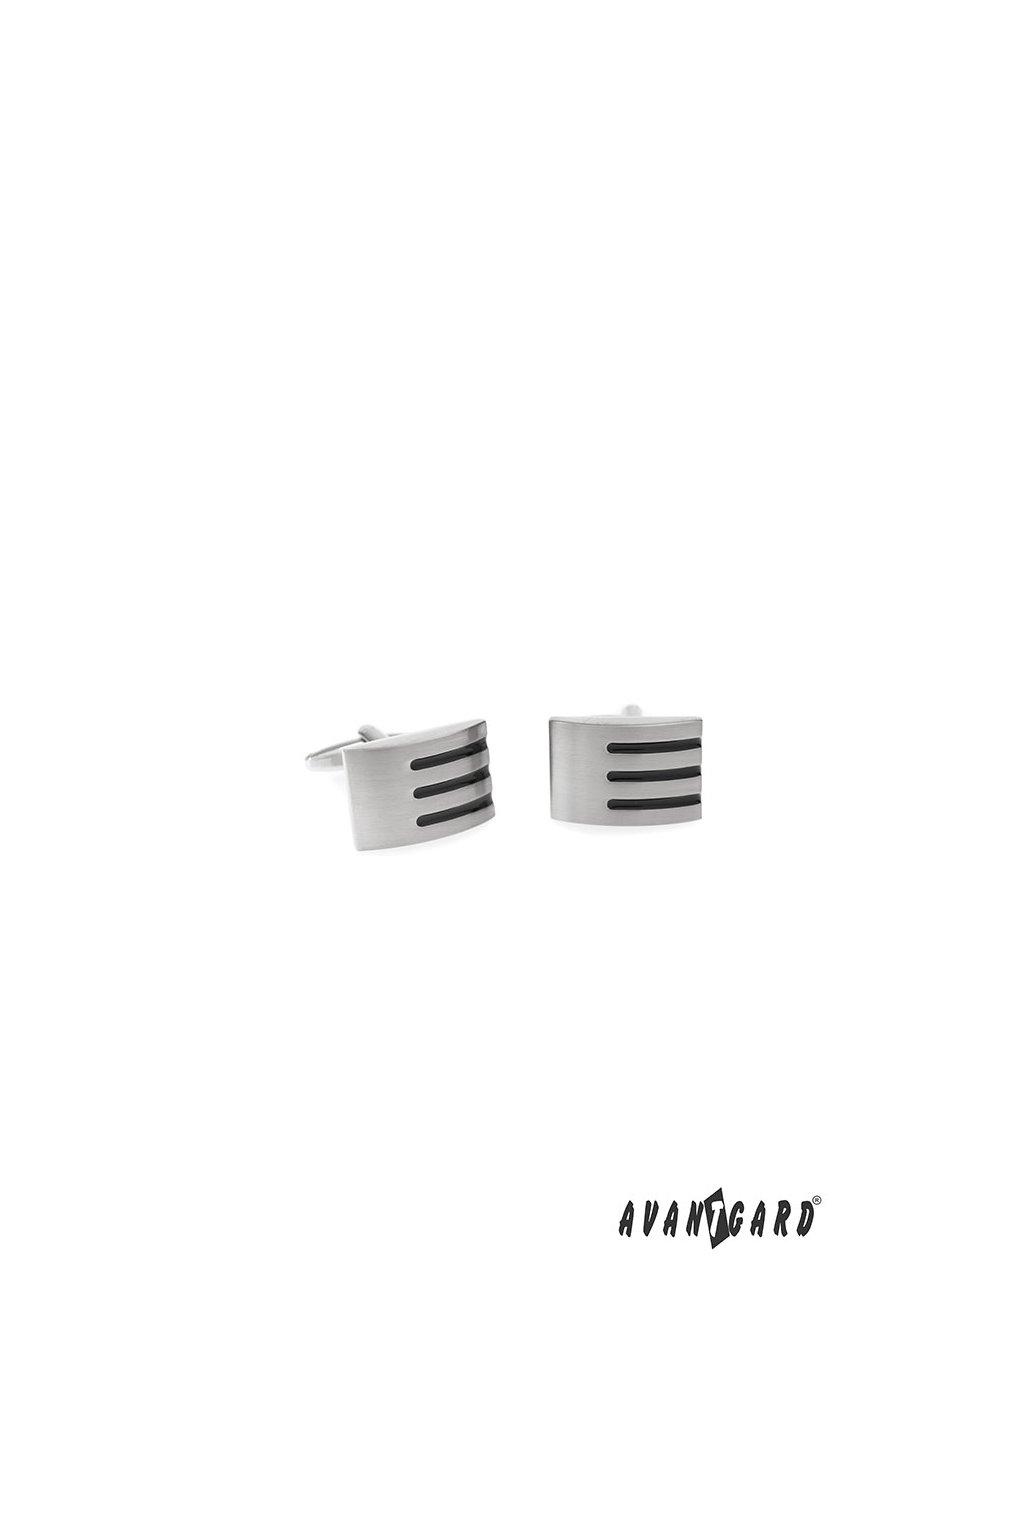 Manžetové knoflíčky PREMIUM stříbrná mat/černá 573 - 20707